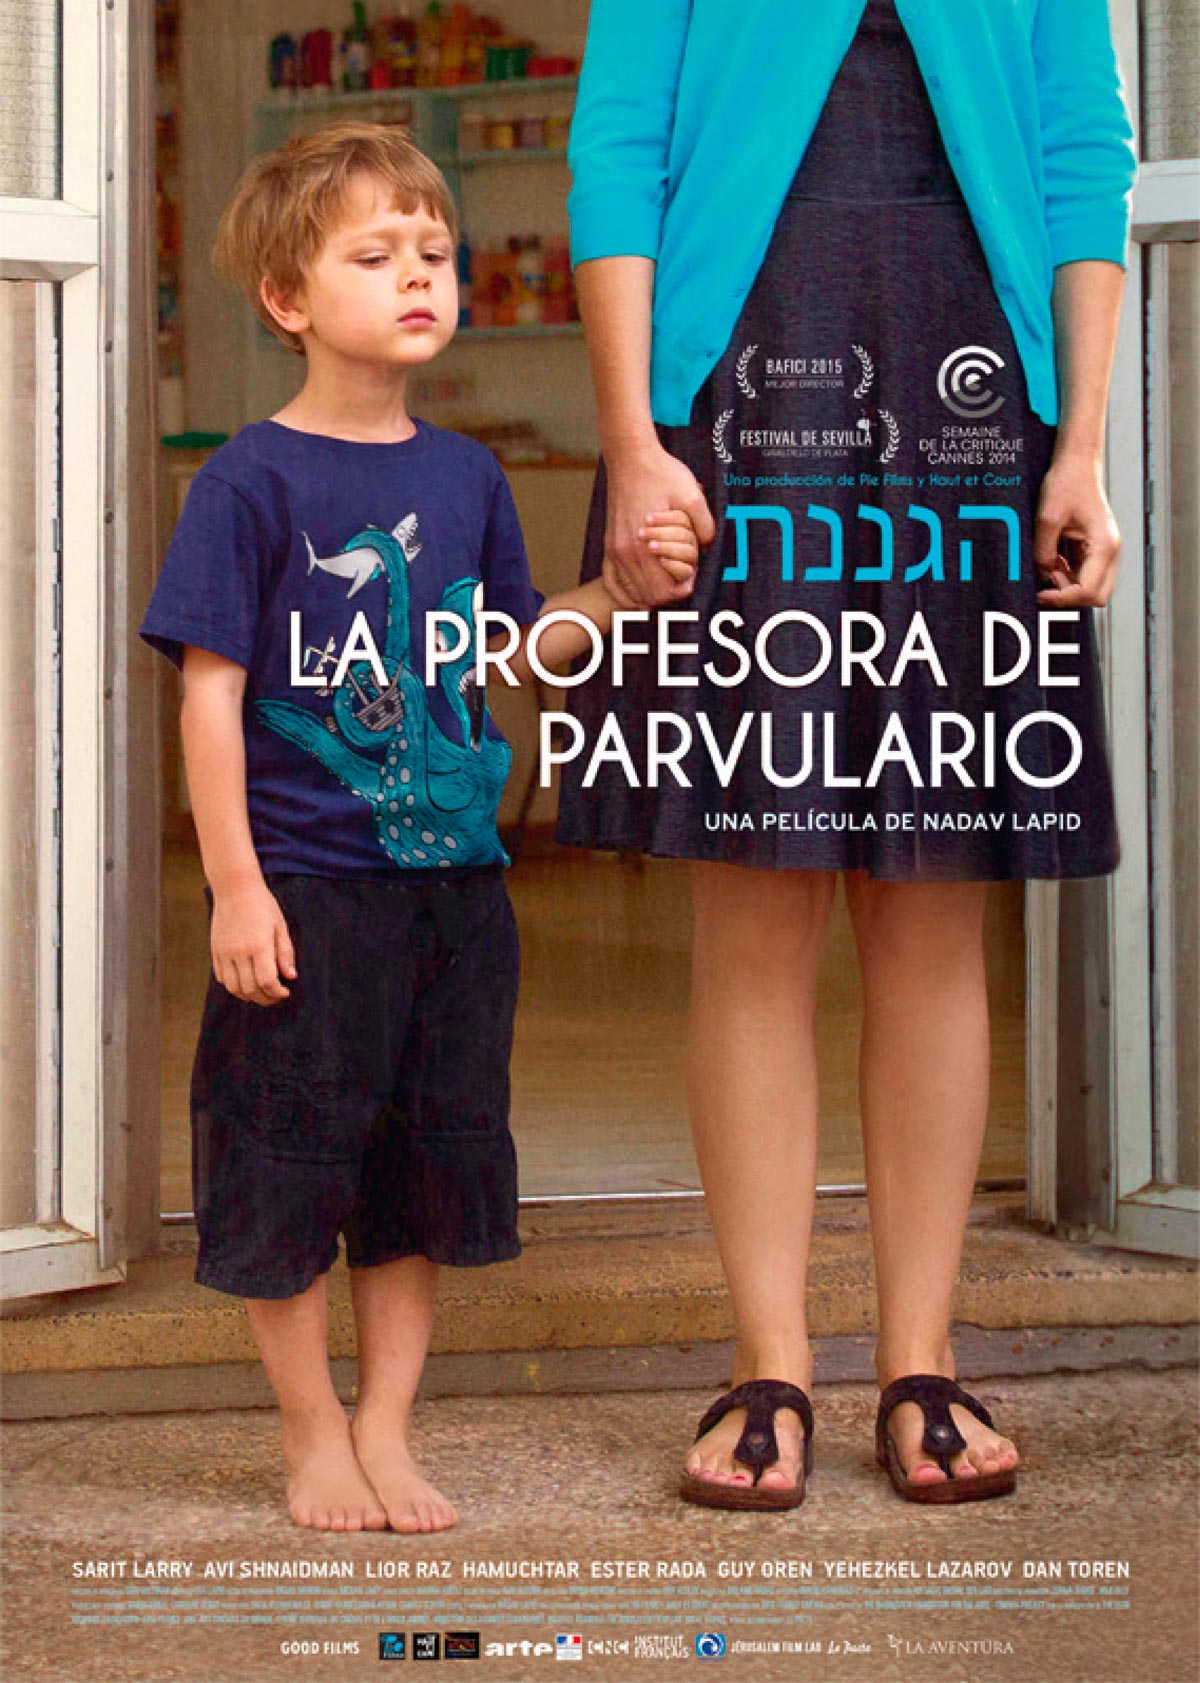 Profesora con alumno de santiago del estero x3 - 3 part 3